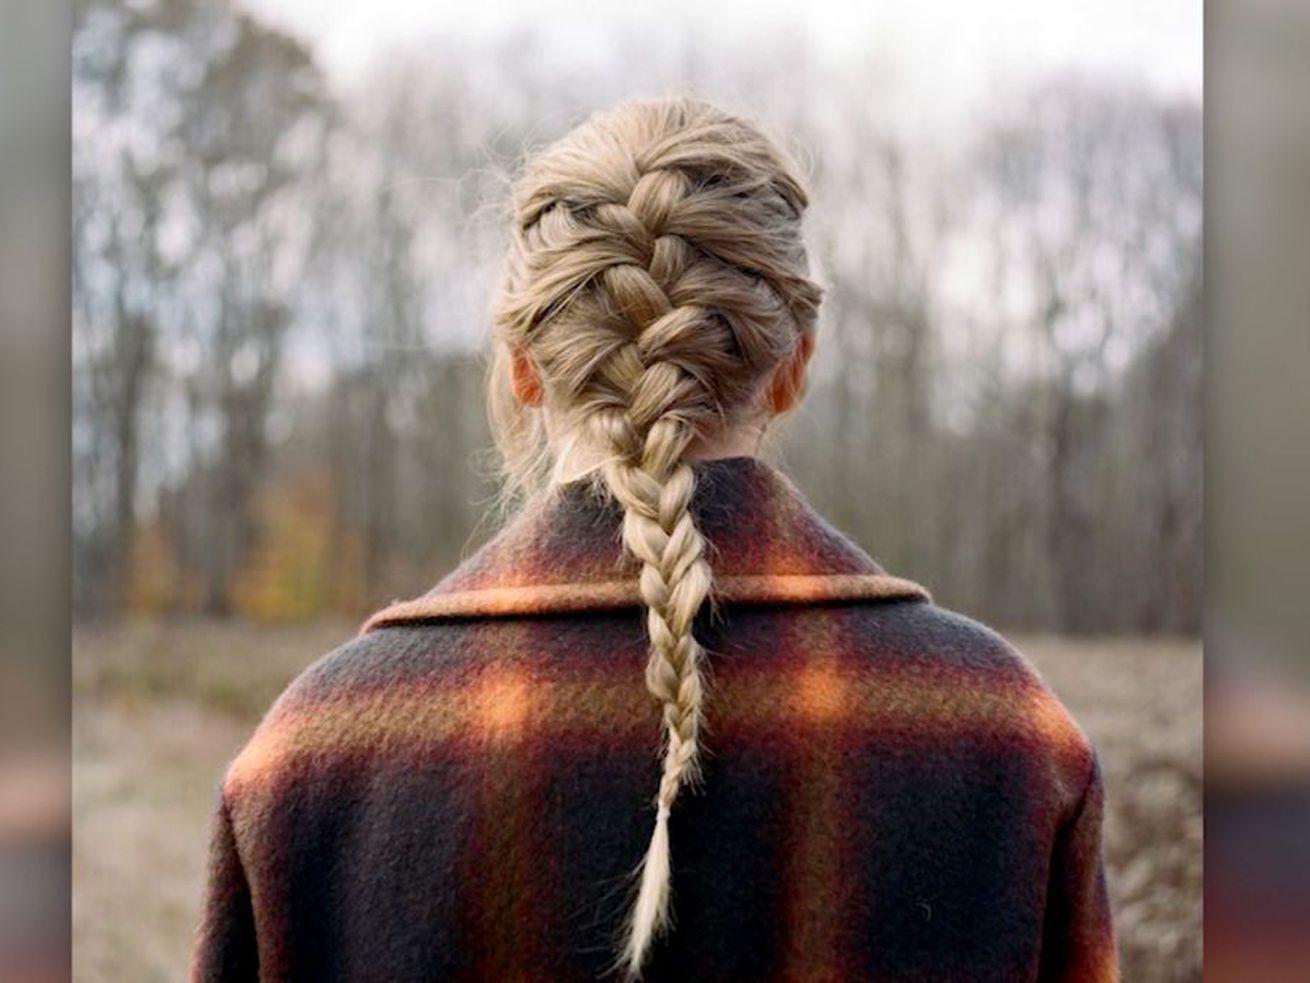 Swift se tient dos à la caméra, les cheveux dans une tresse française